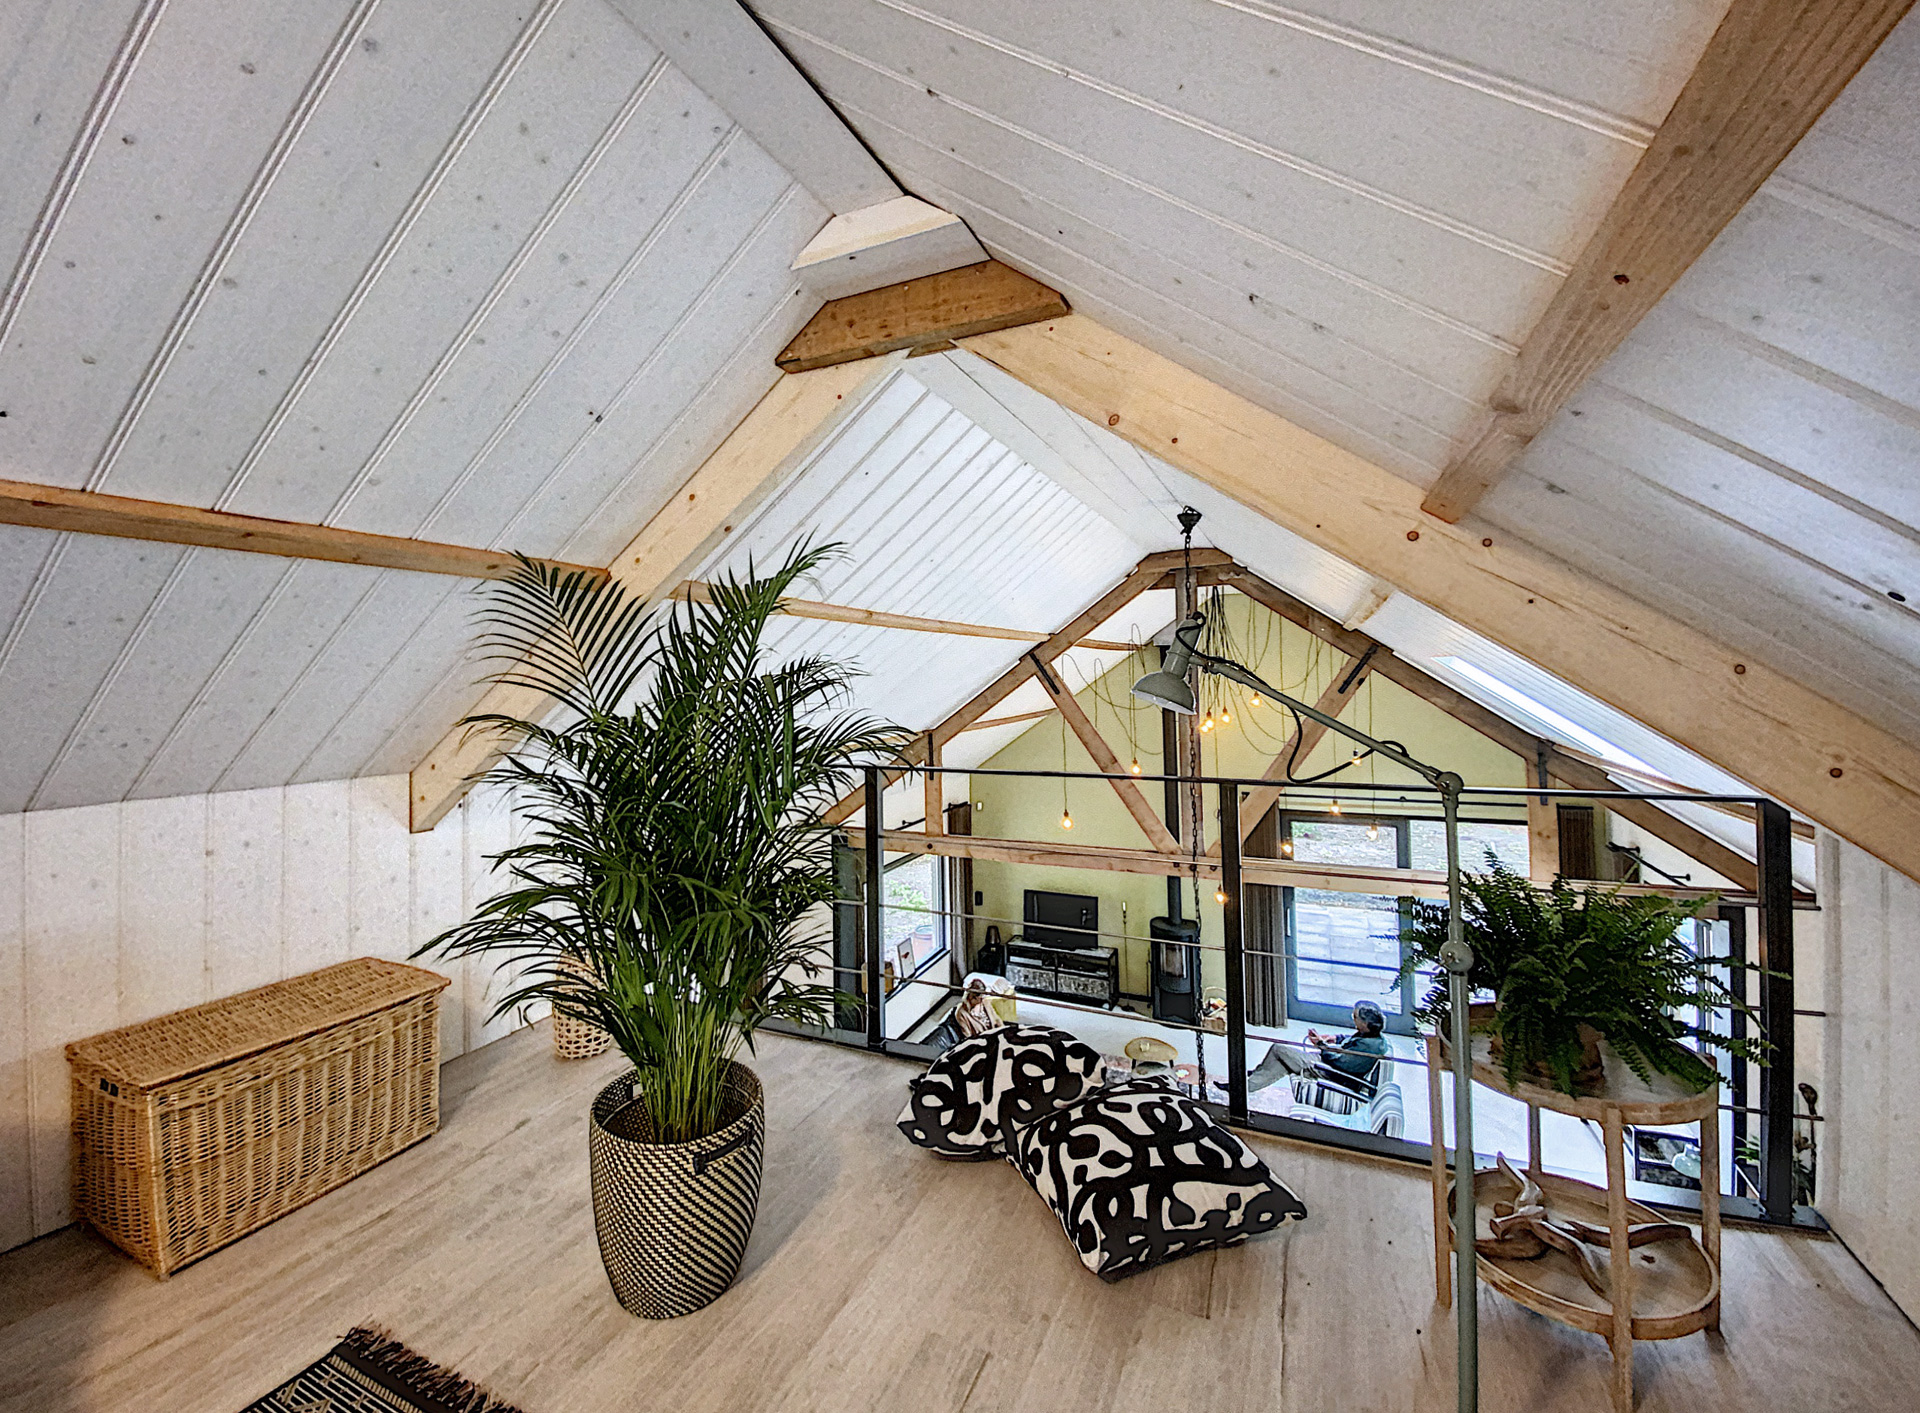 Verbouwing-woning-entresol-houten-spanten-in-het-zicht-7